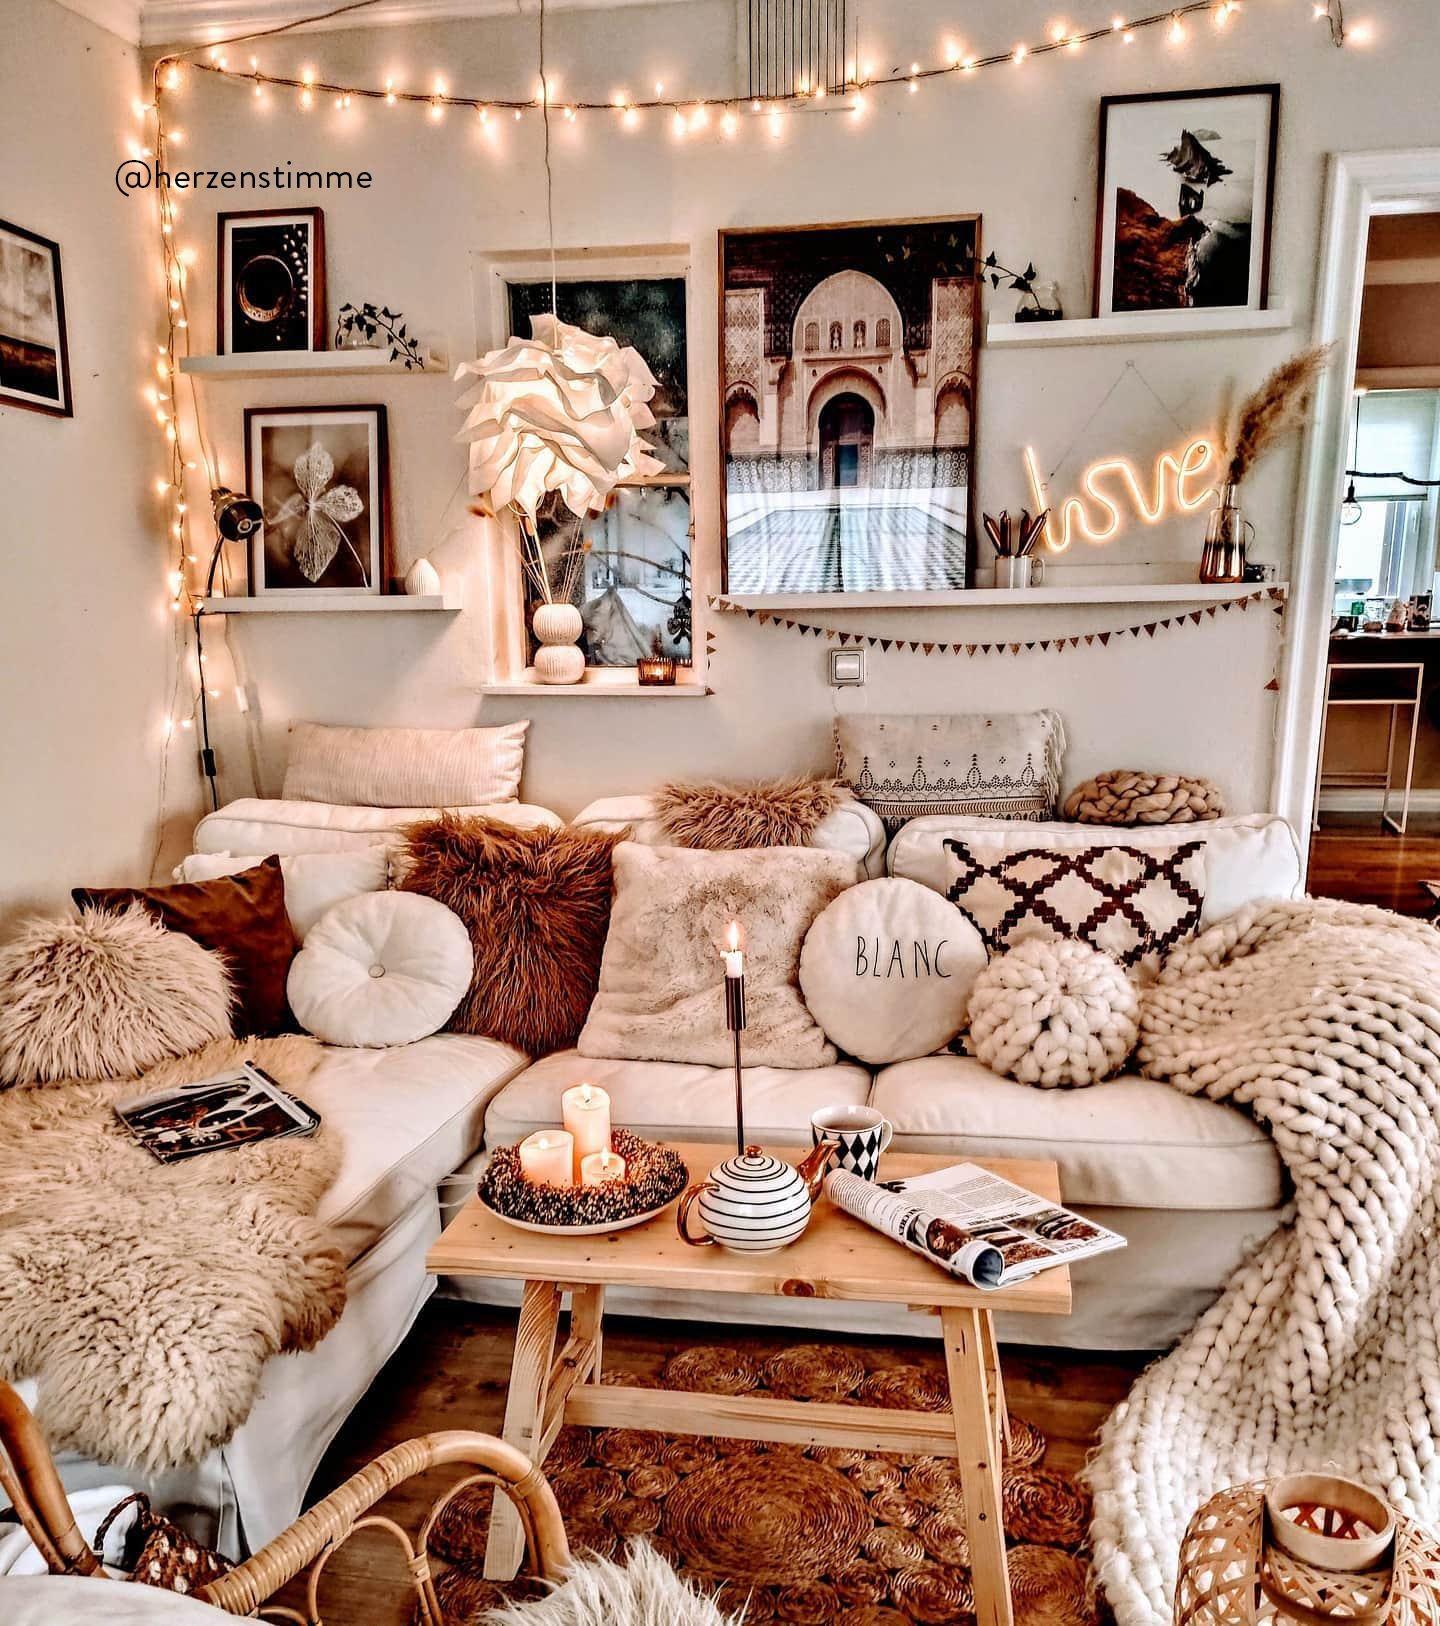 Sofas Couches Online Kaufen Designstucke Westwingnow In 2020 Zimmer Einrichten Wohnzimmer Einrichten Sofa Layout